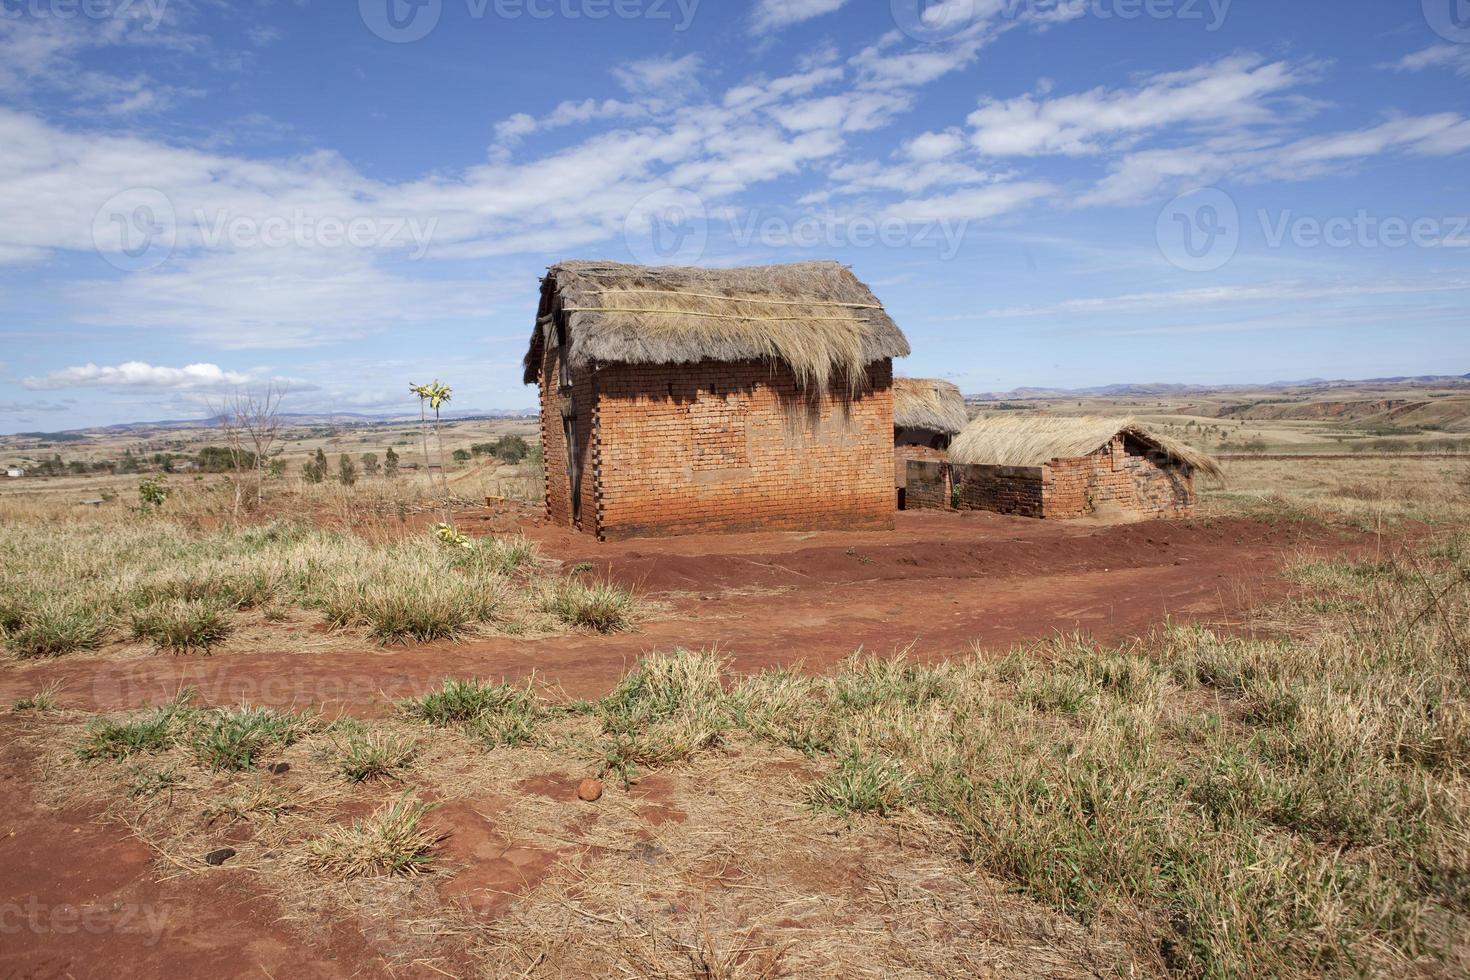 huis met rieten dak in het westen van Madagaskar foto